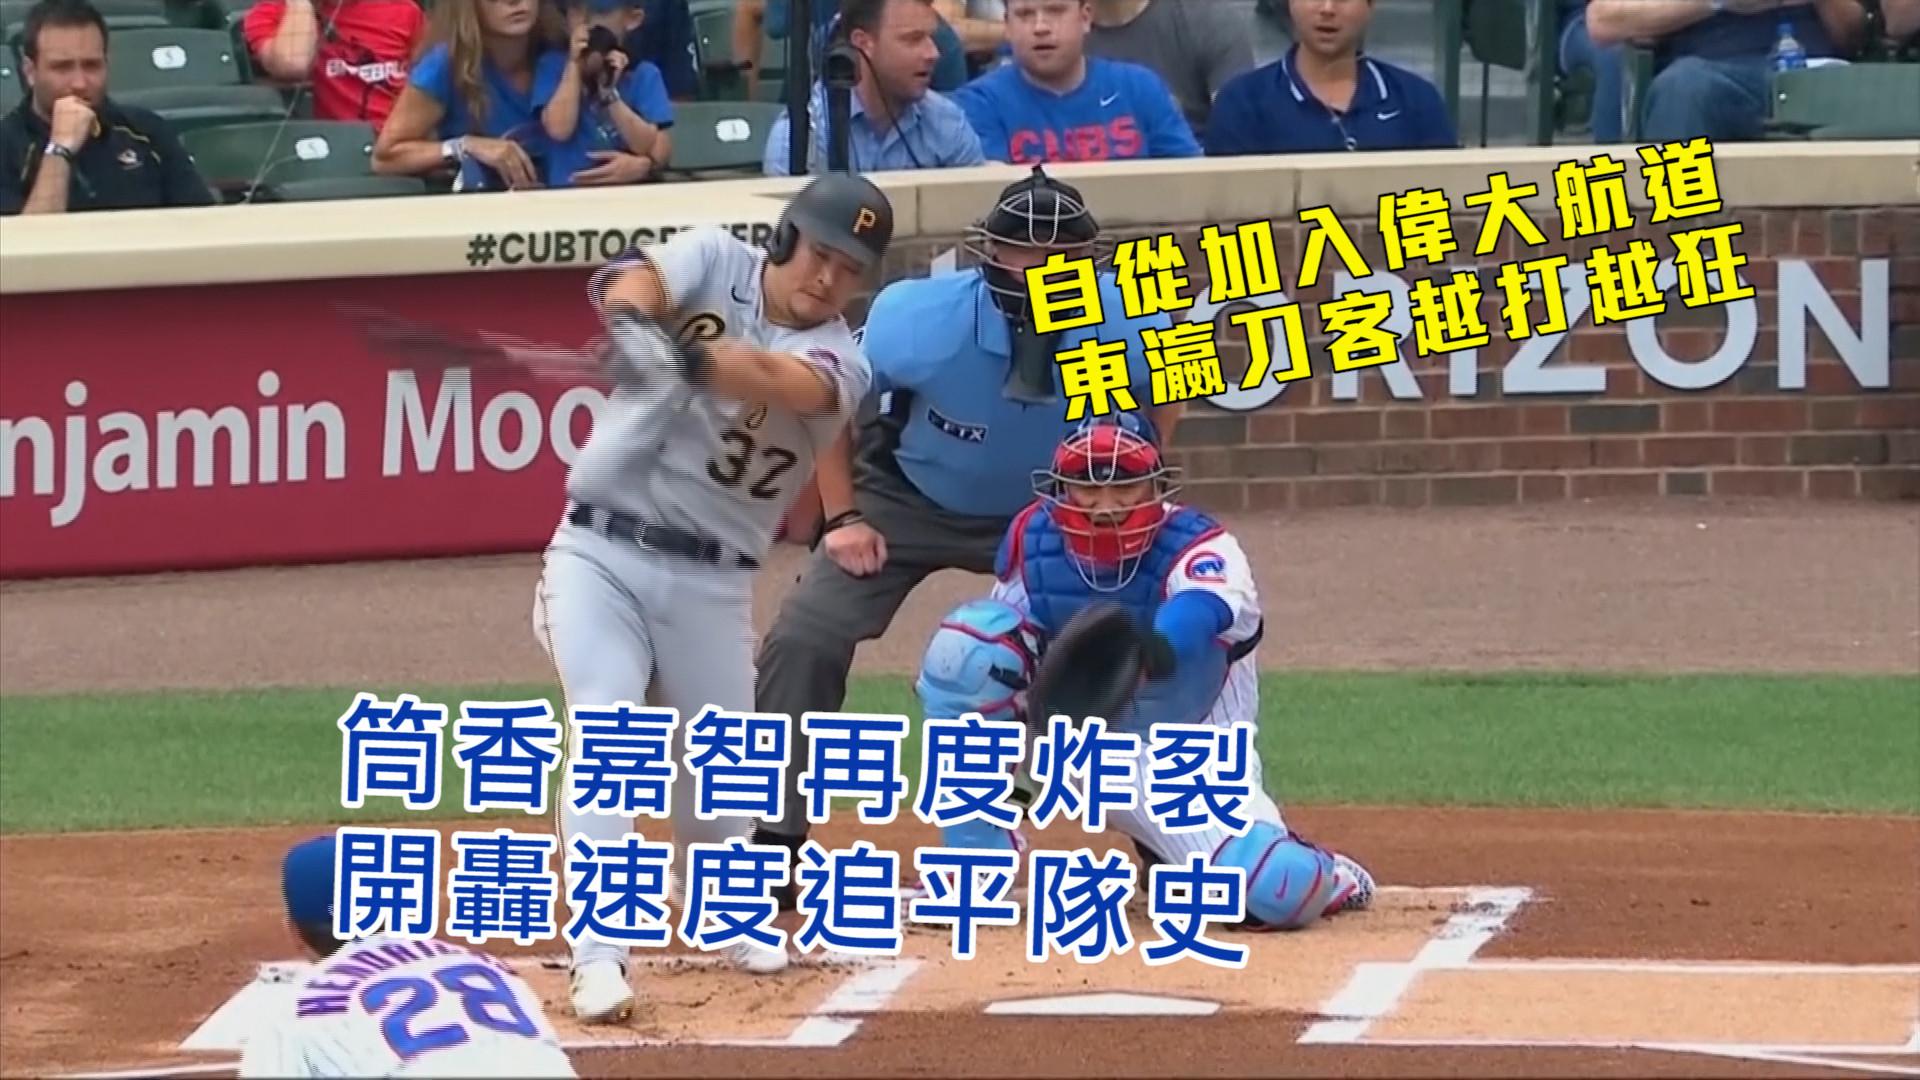 【MLB看愛爾達】日韓兩樣情 筒香開轟金廣鉉被KO 09/05